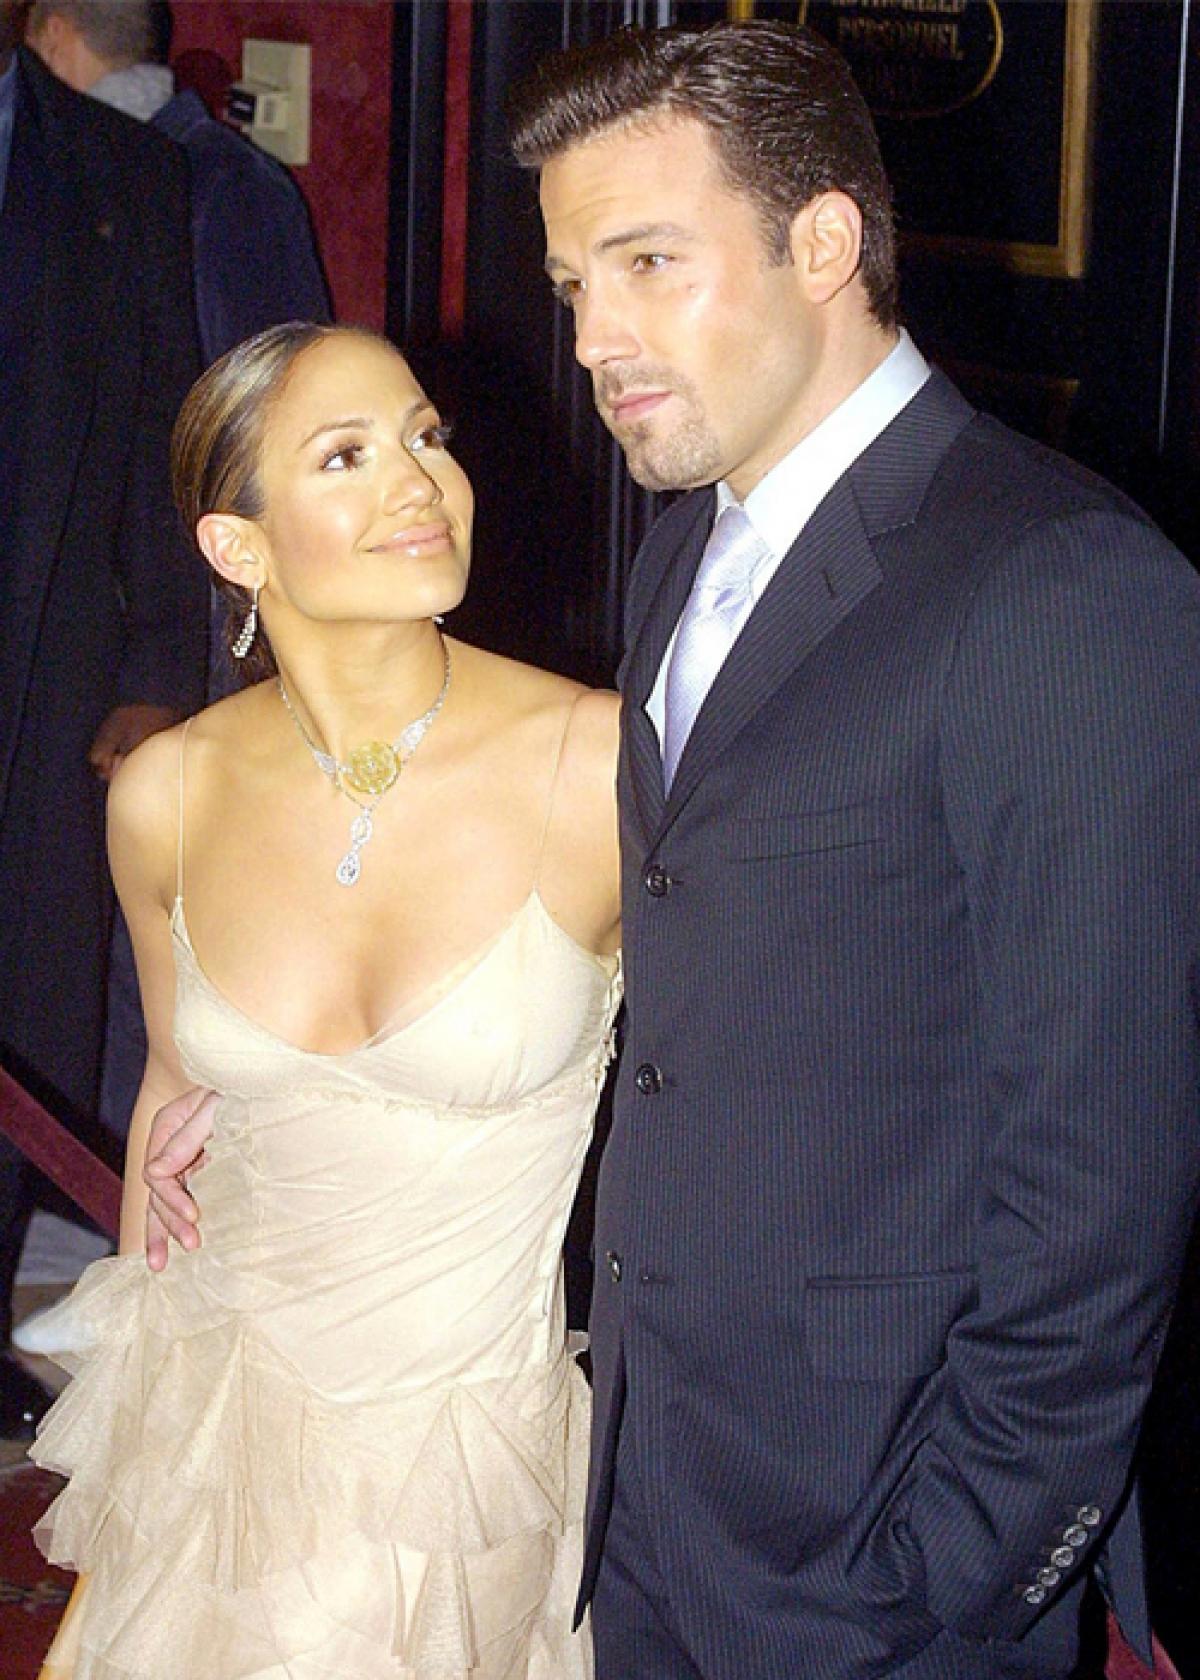 """Jennifer Lopez gặp Ben Affleck trên phim trường """"Gigli"""", sau đó hẹn hò vào đính hôn vào cuối năm 2002. Đến tháng 9/2003, cặp sao tuyên bố hoãn cưới và chính thức đường ai nấy đi vào đầu năm 2004./."""